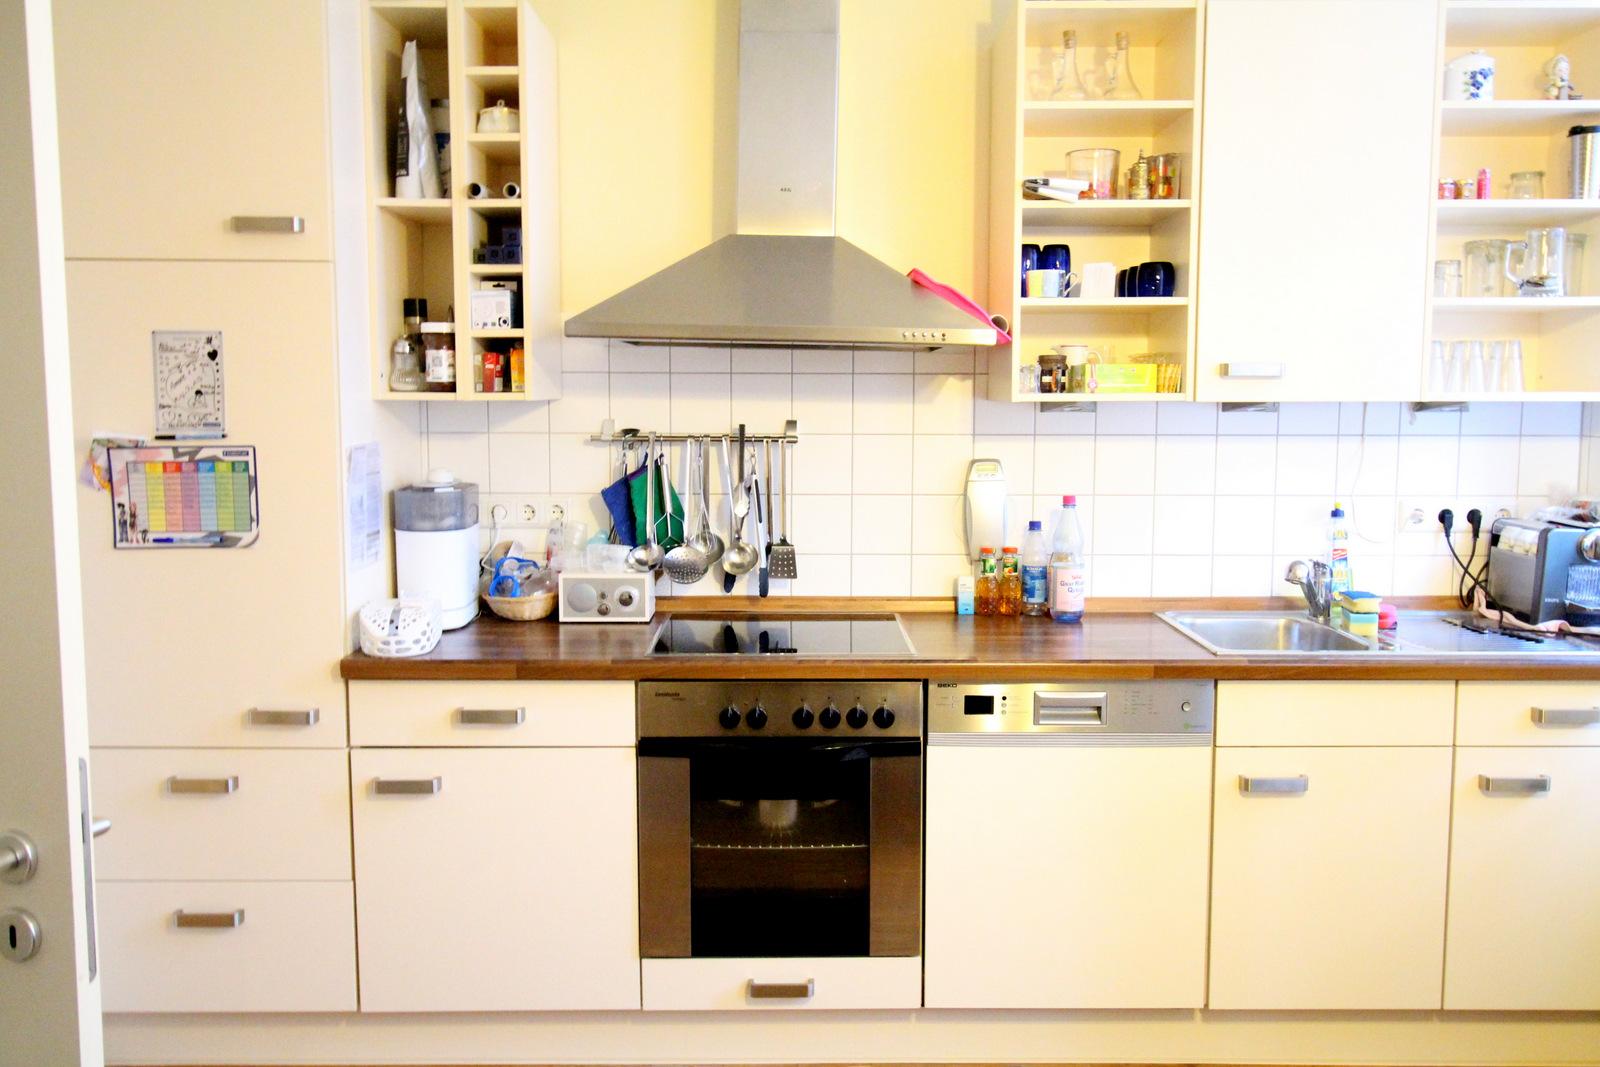 geh gestra e 20b 30655 hannover. Black Bedroom Furniture Sets. Home Design Ideas